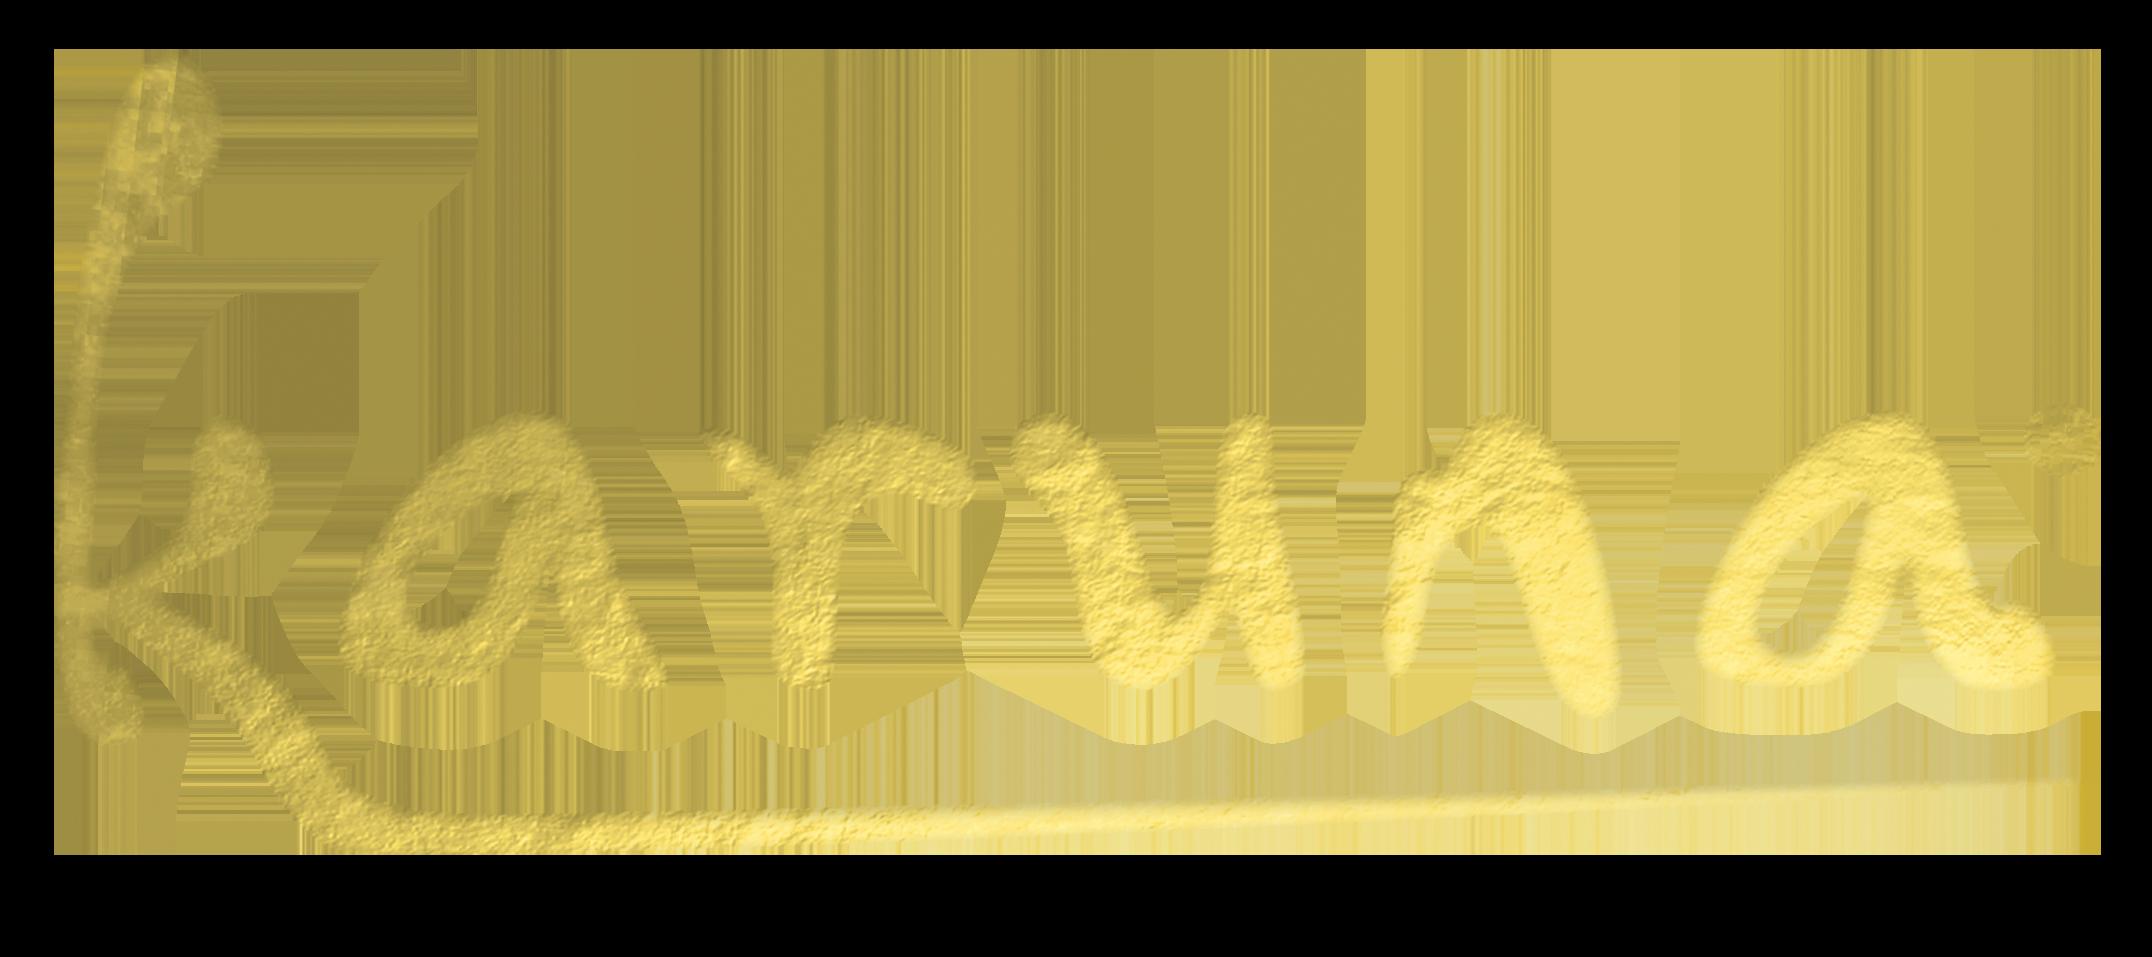 Karunaskin.dk